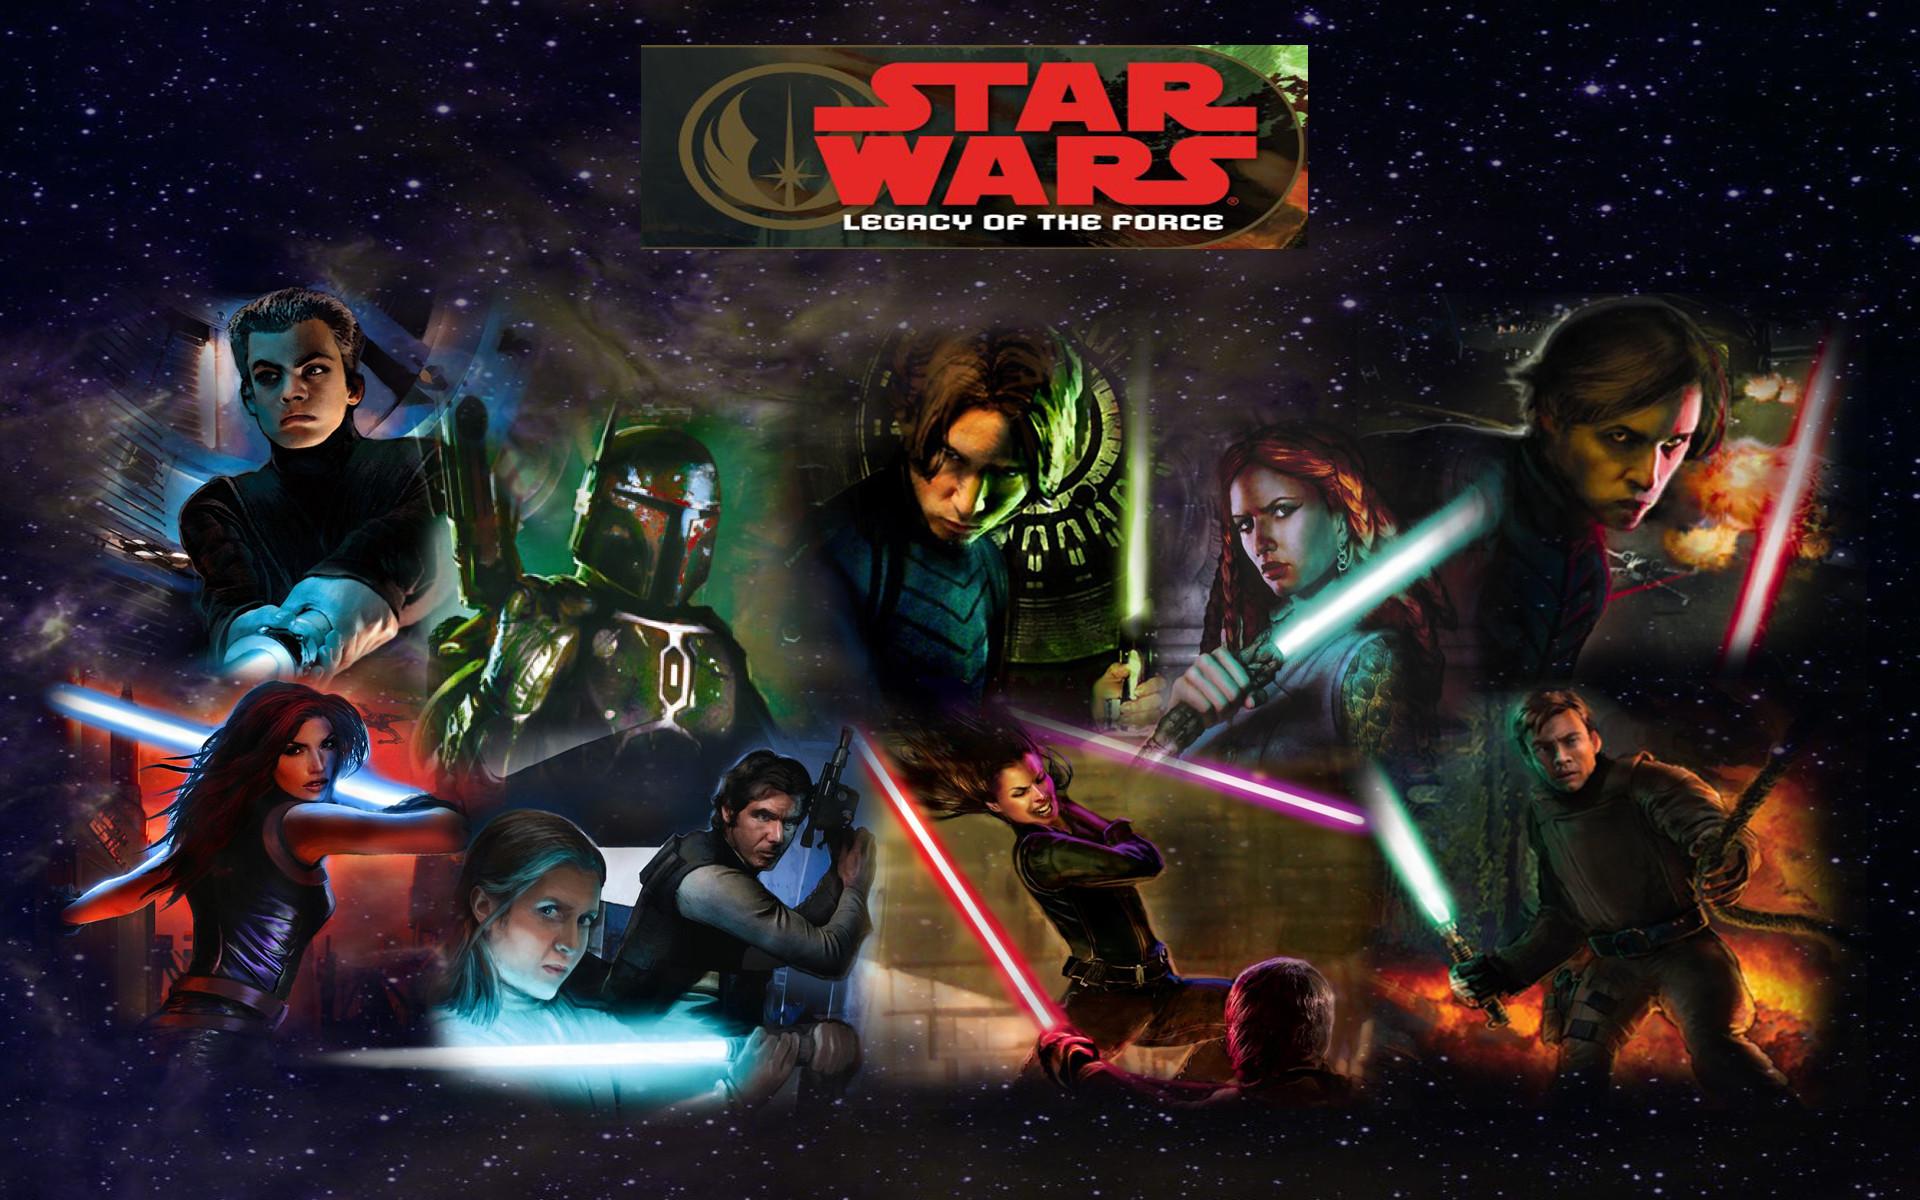 Sci Fi – Star Wars Wallpaper